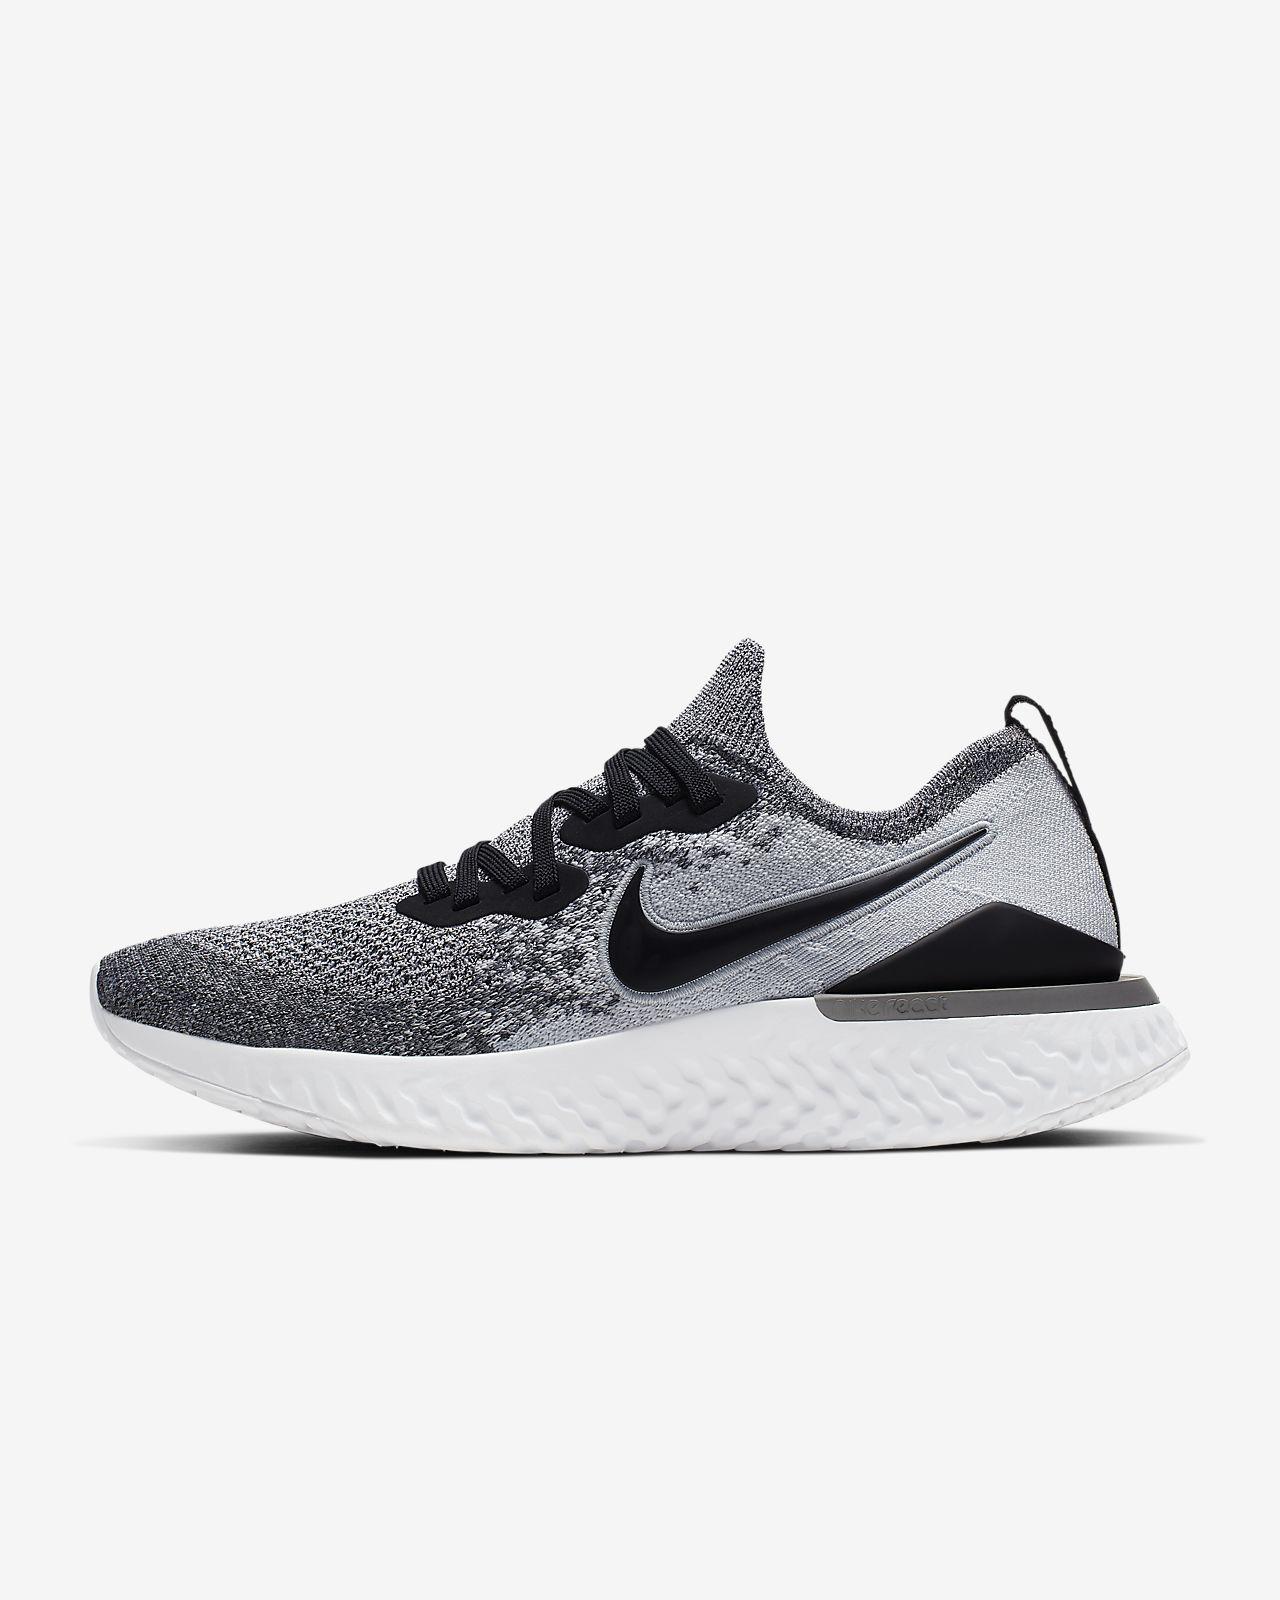 a916778772e4 Nike Epic React Flyknit 2 Women s Running Shoe. Nike.com BE